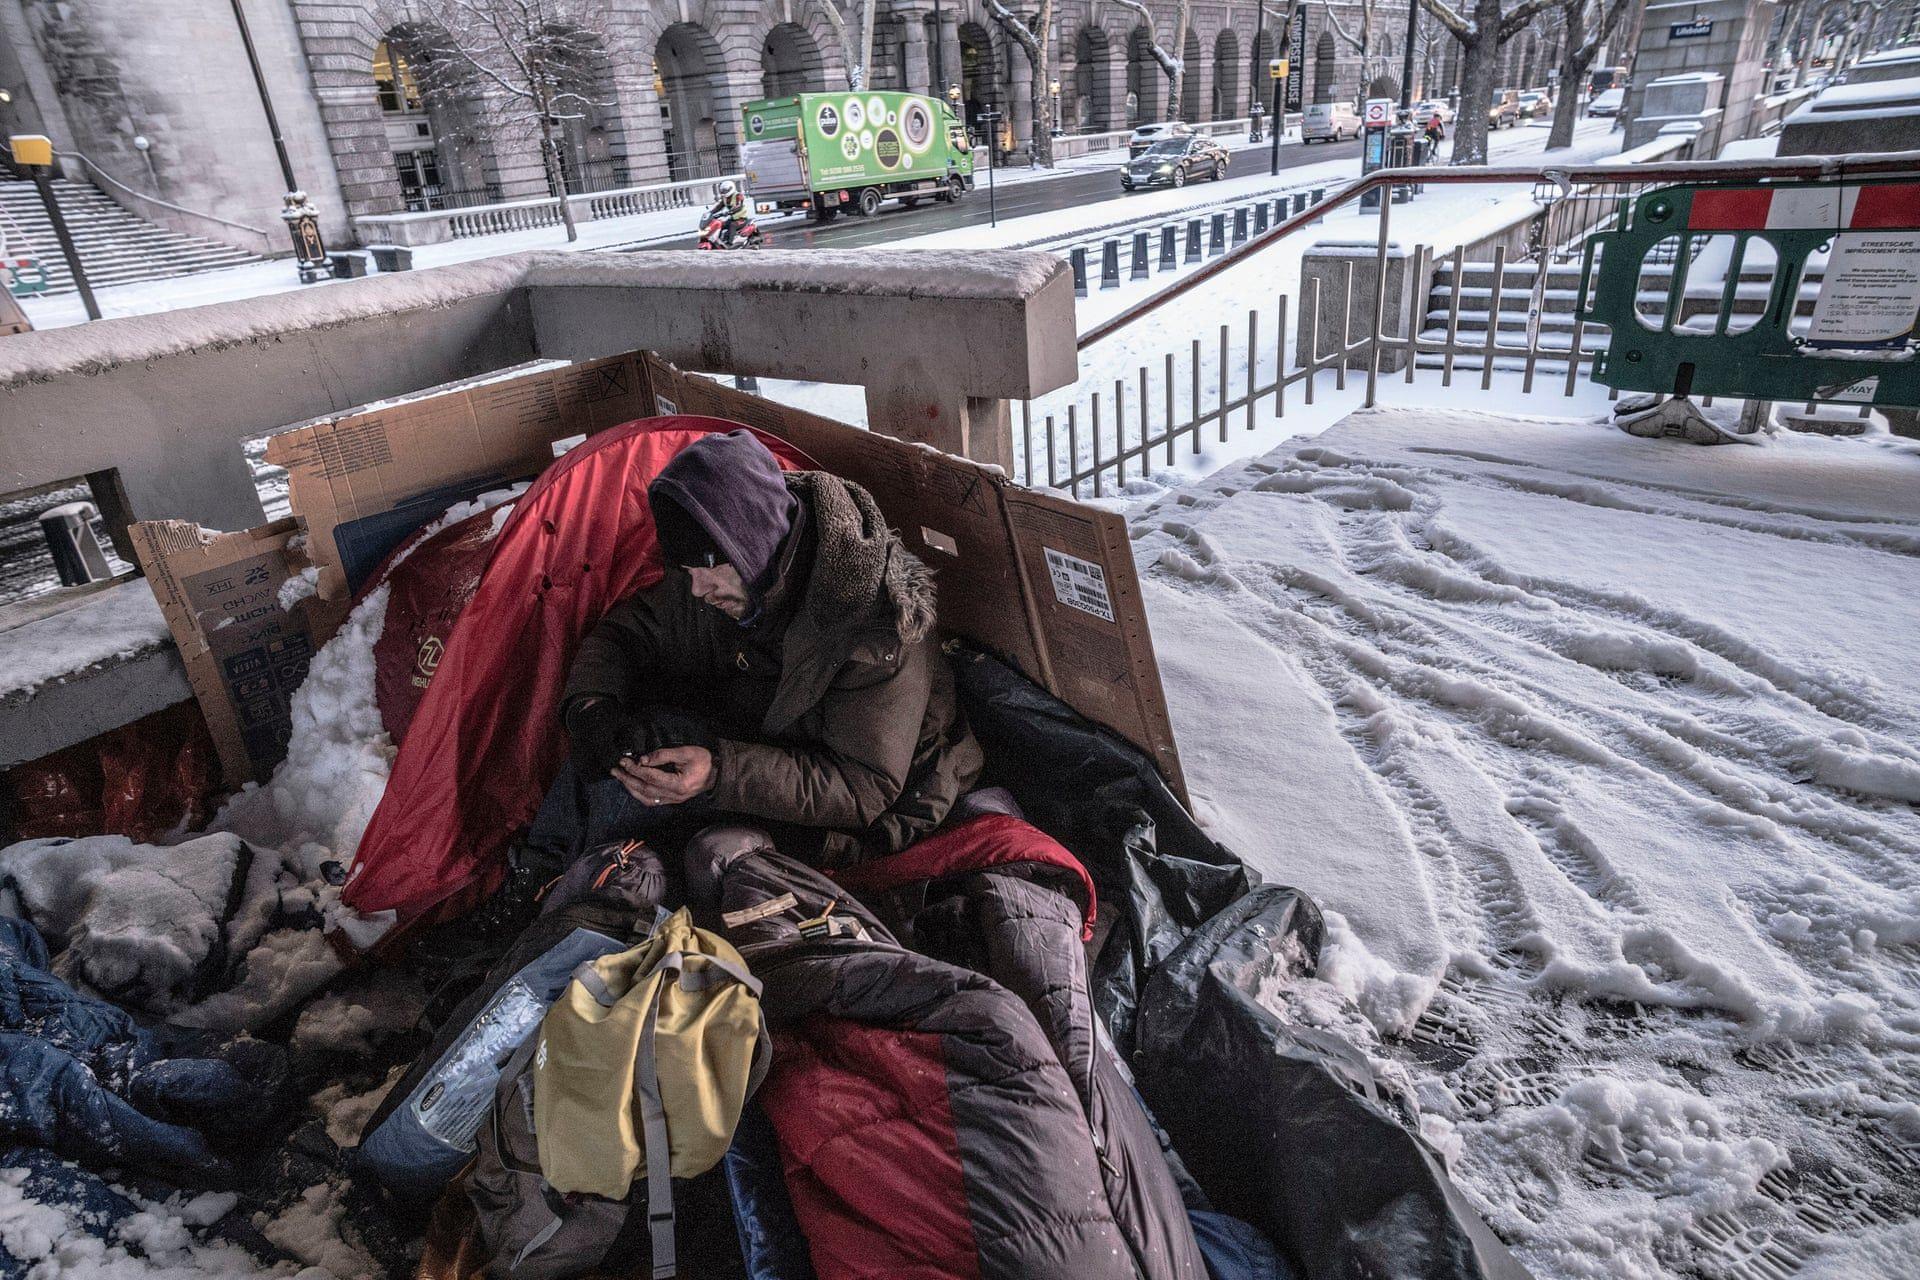 Hajléktalan férfi Londonban a -3 fokban, pár kilóméterre a Képviselőház épületétől. Fotó: Sean Smith/the Guardian /  thebppa